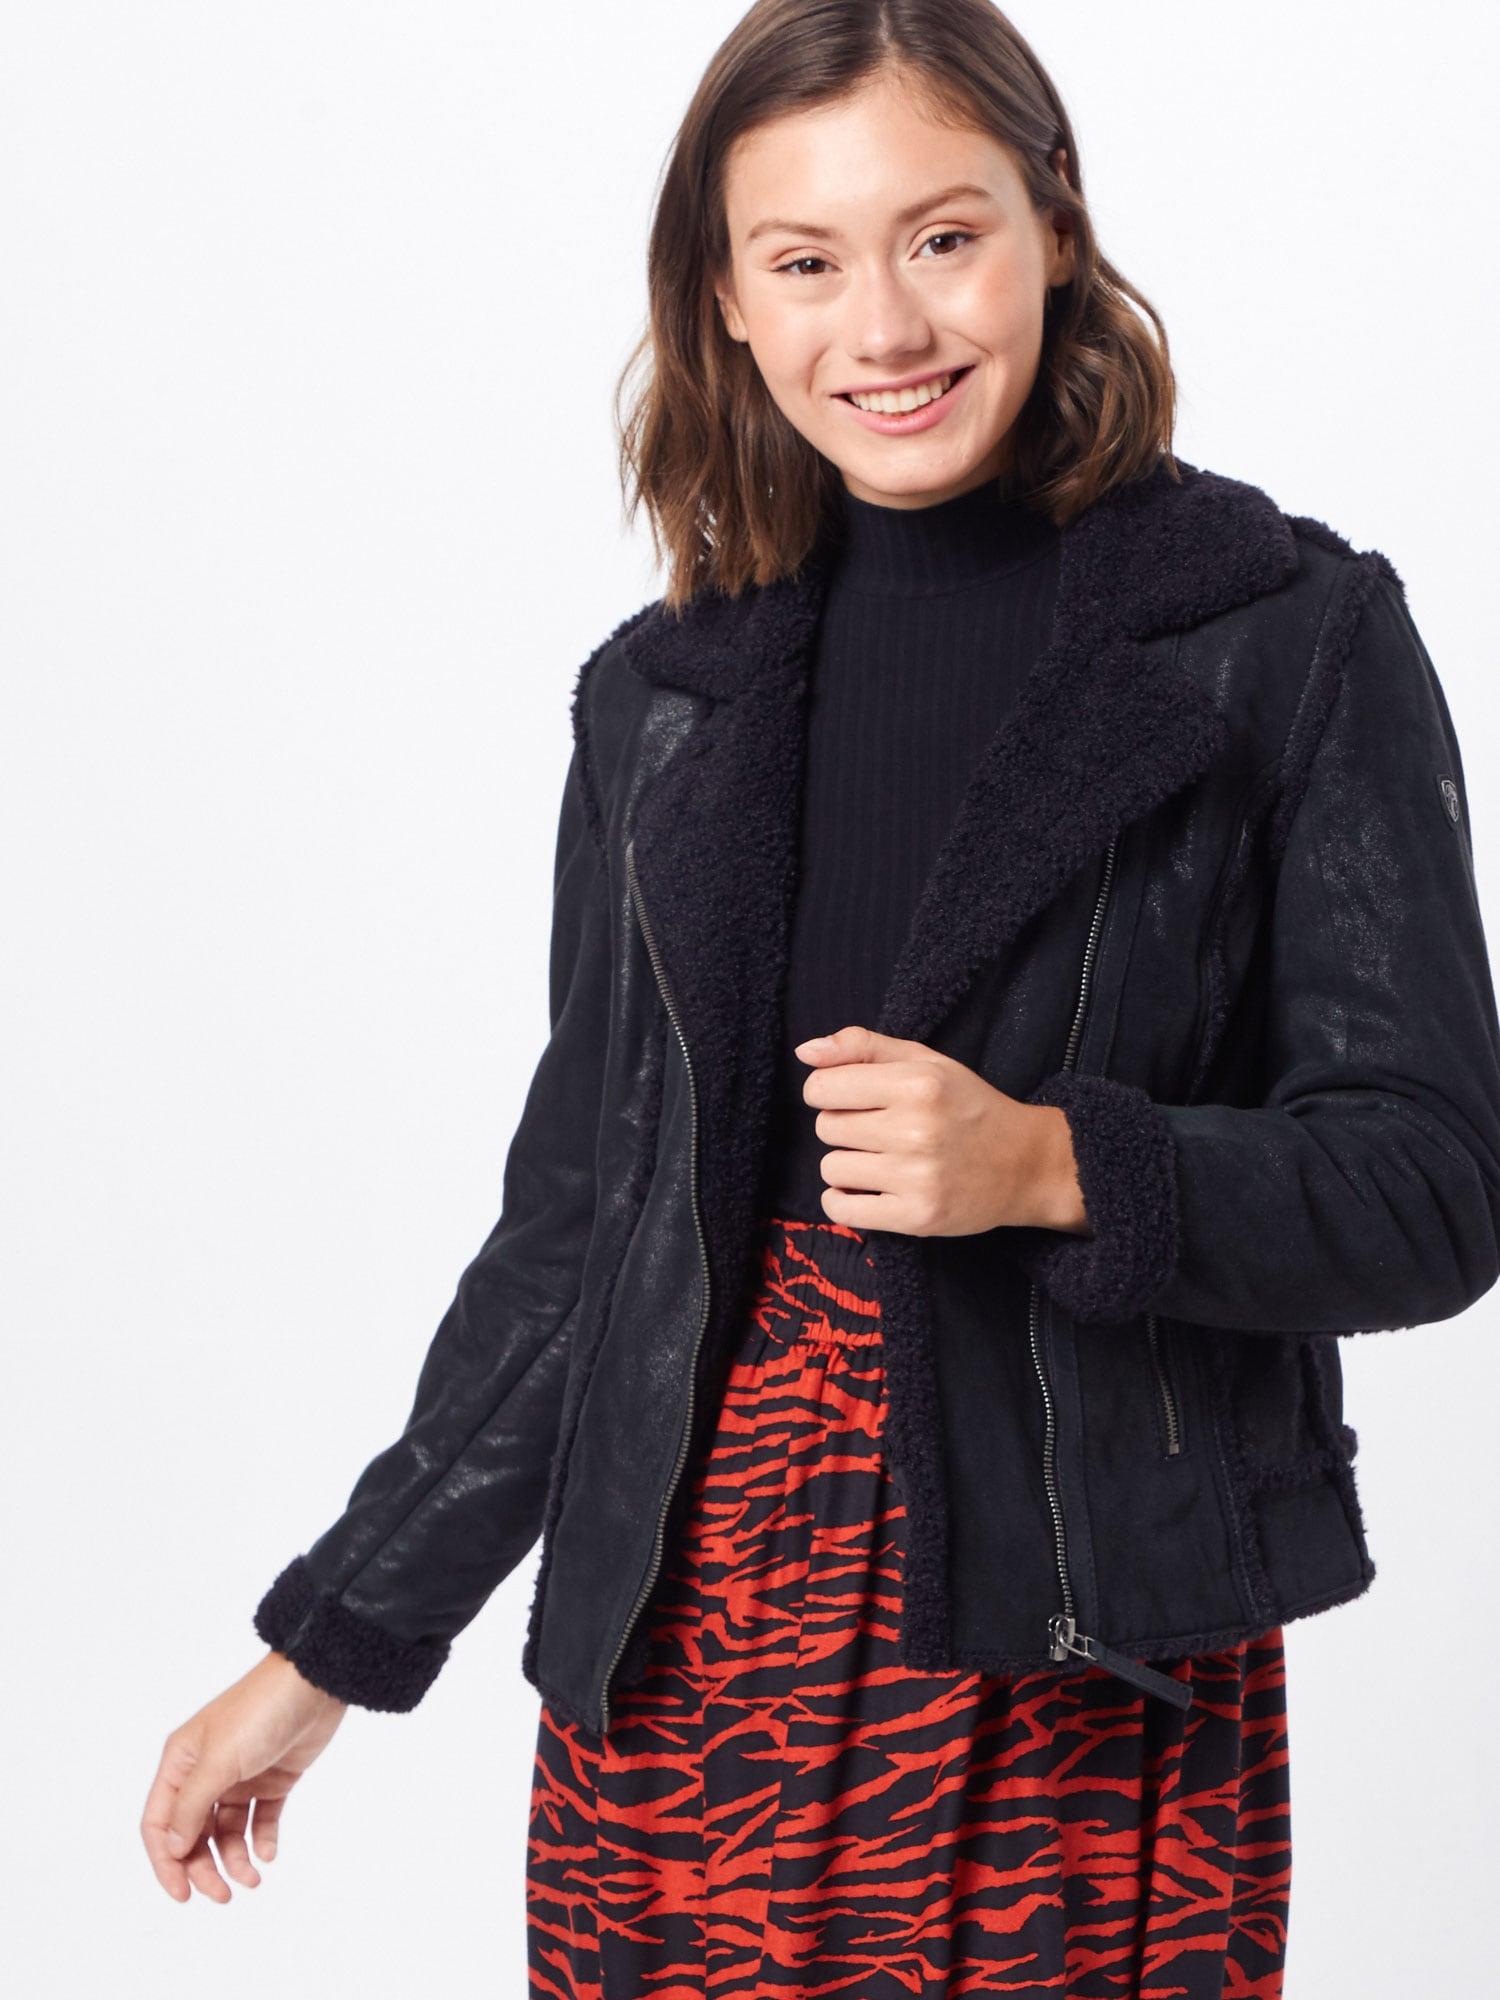 Jacken und Mäntel in Lammfell Optik bei COUTURISTA | COUTURISTA